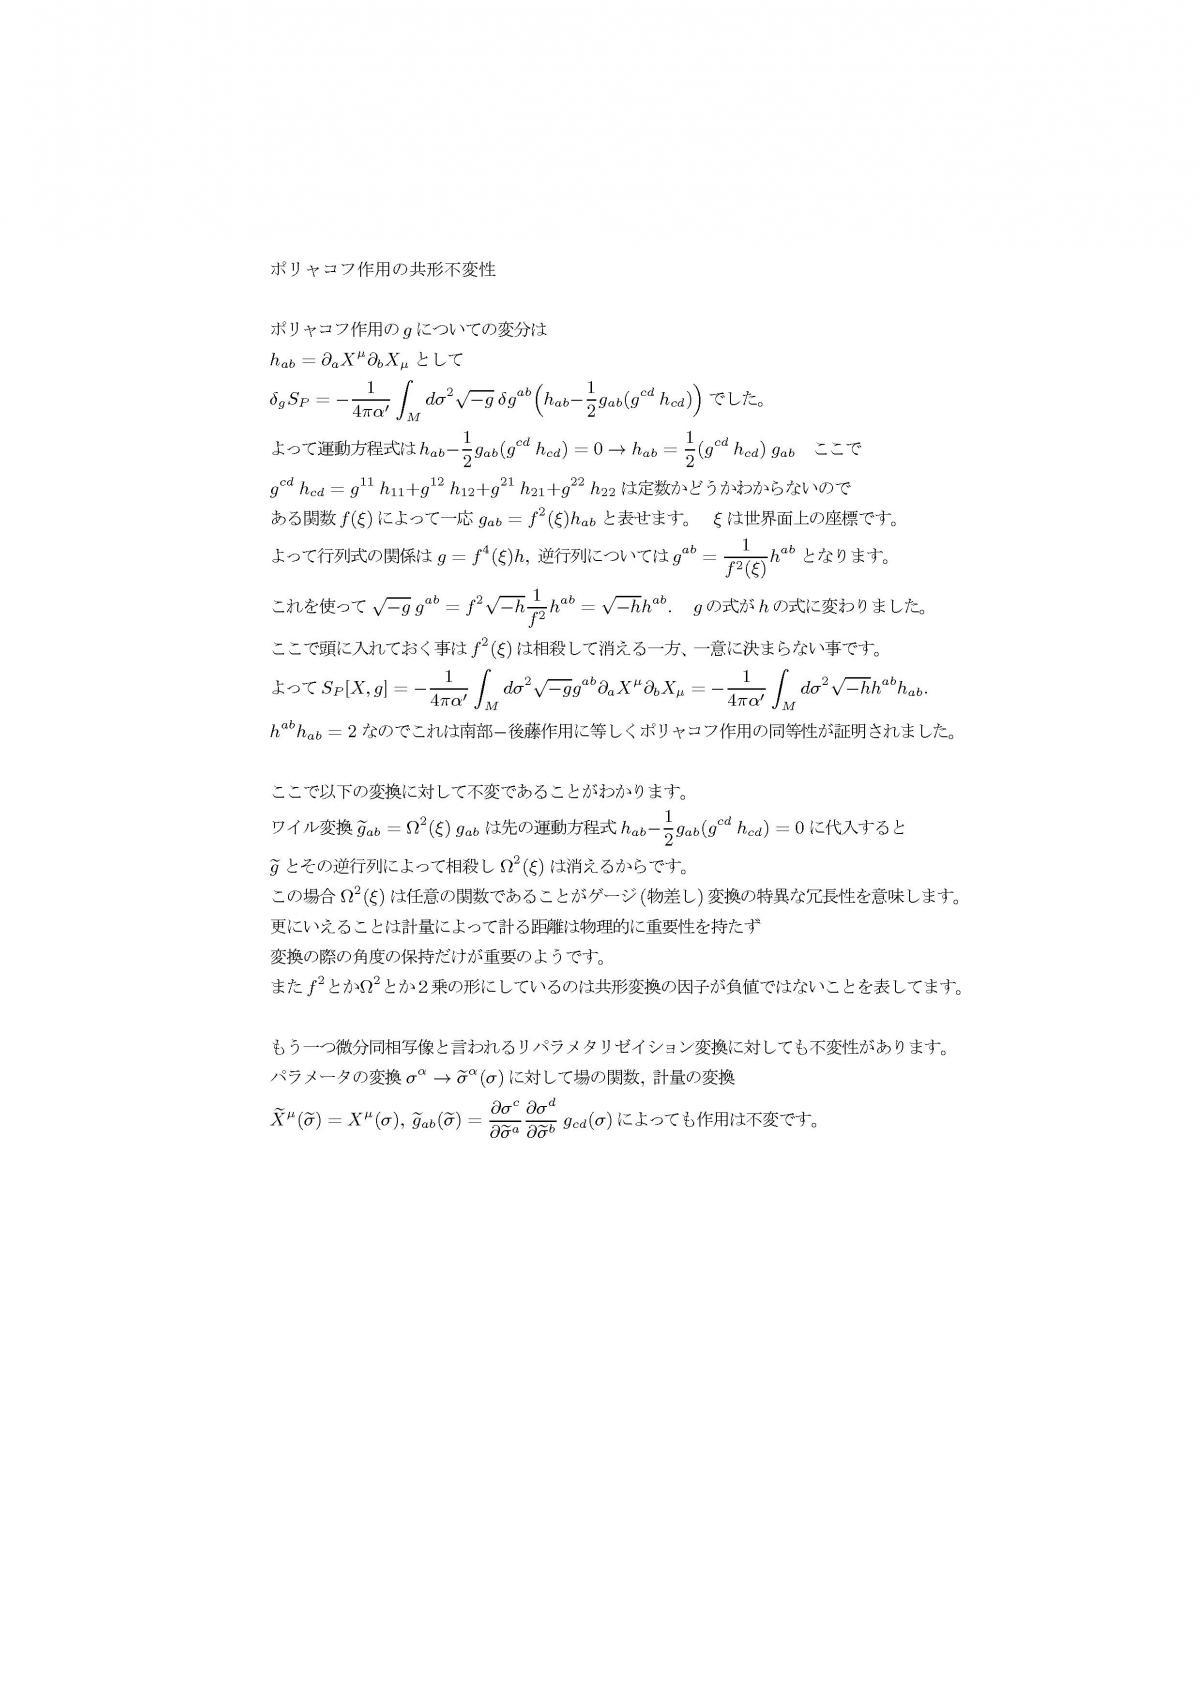 pgen11.jpg